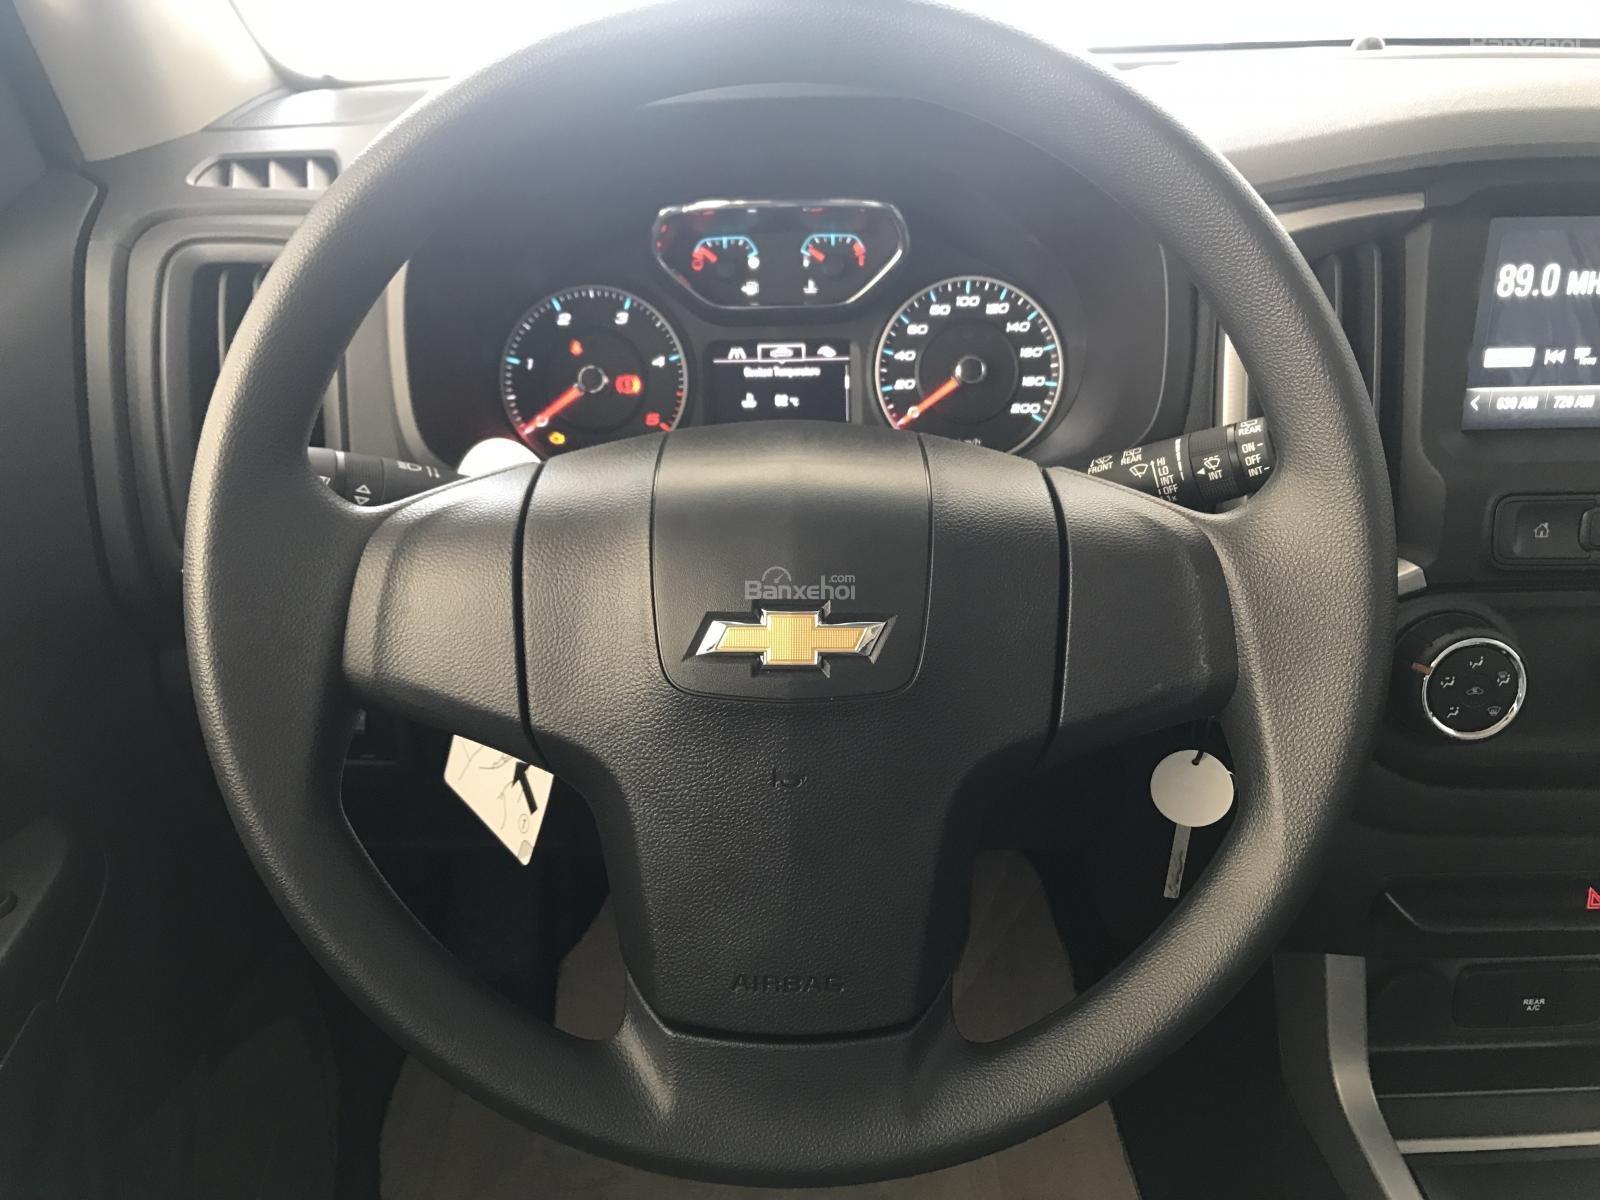 Bán ô tô Chevrolet Trailblazer 2.5L VGT 4x2 AT LT sản xuất năm 2018, màu đỏ, nhập khẩu, ưu đãi 30 triệu T12/2018-6